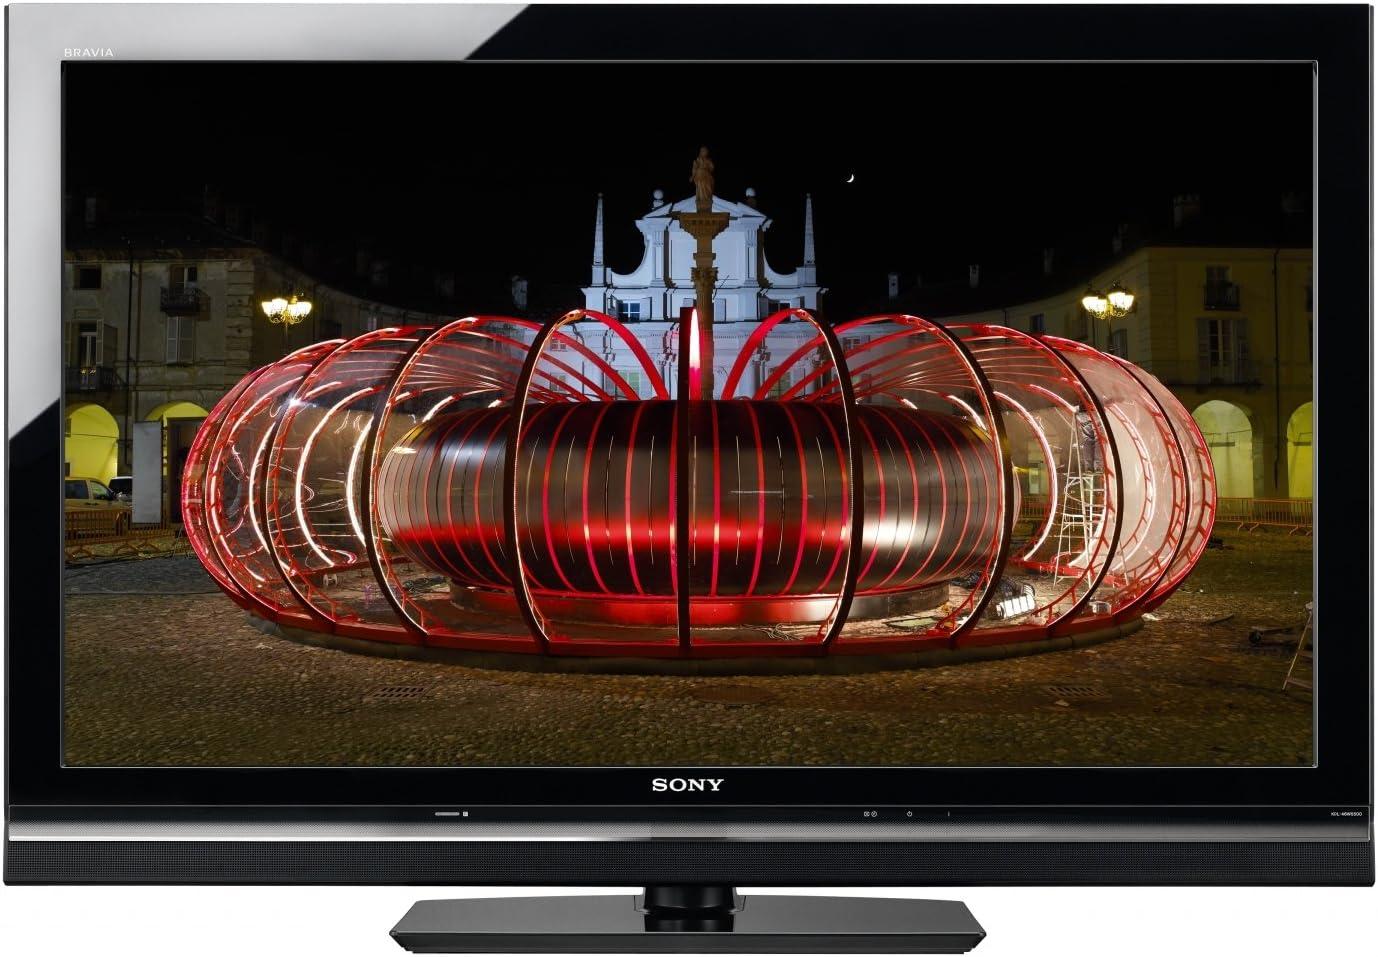 Sony Bravia KDL32W5800- Televisión Full HD, Pantalla LCD 32 pulgadas: Amazon.es: Electrónica